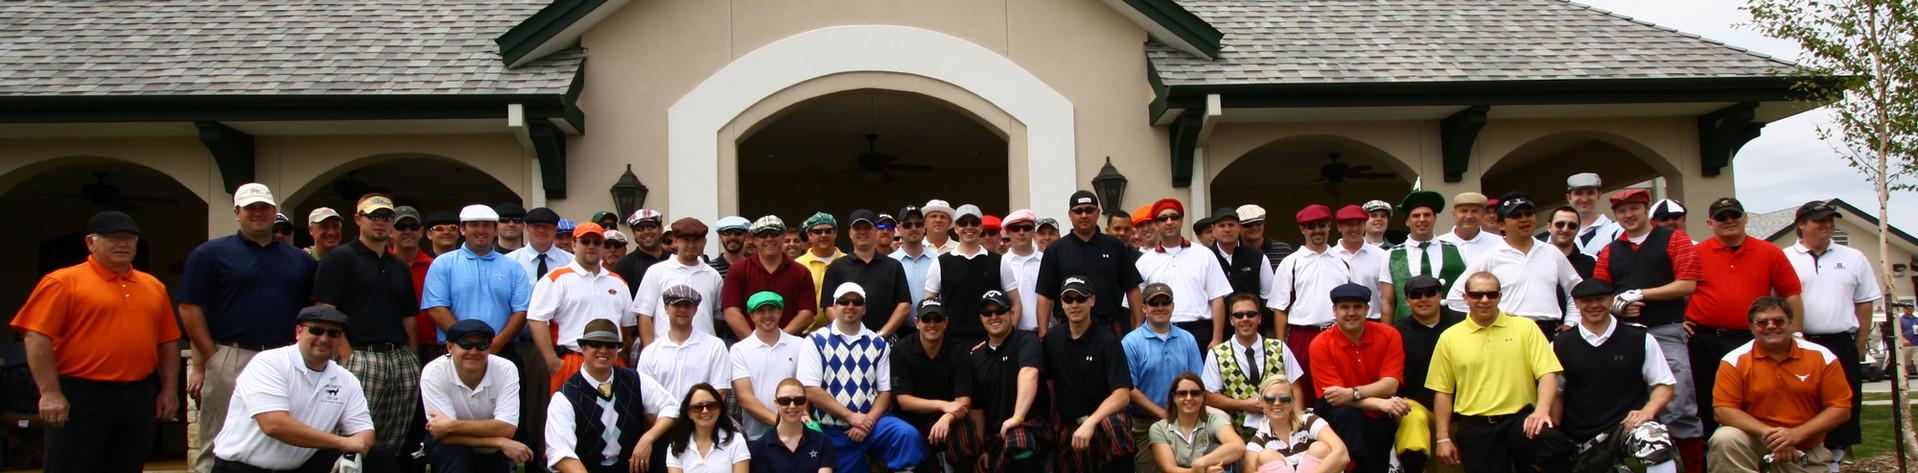 2010 KON Group Pic.jpg